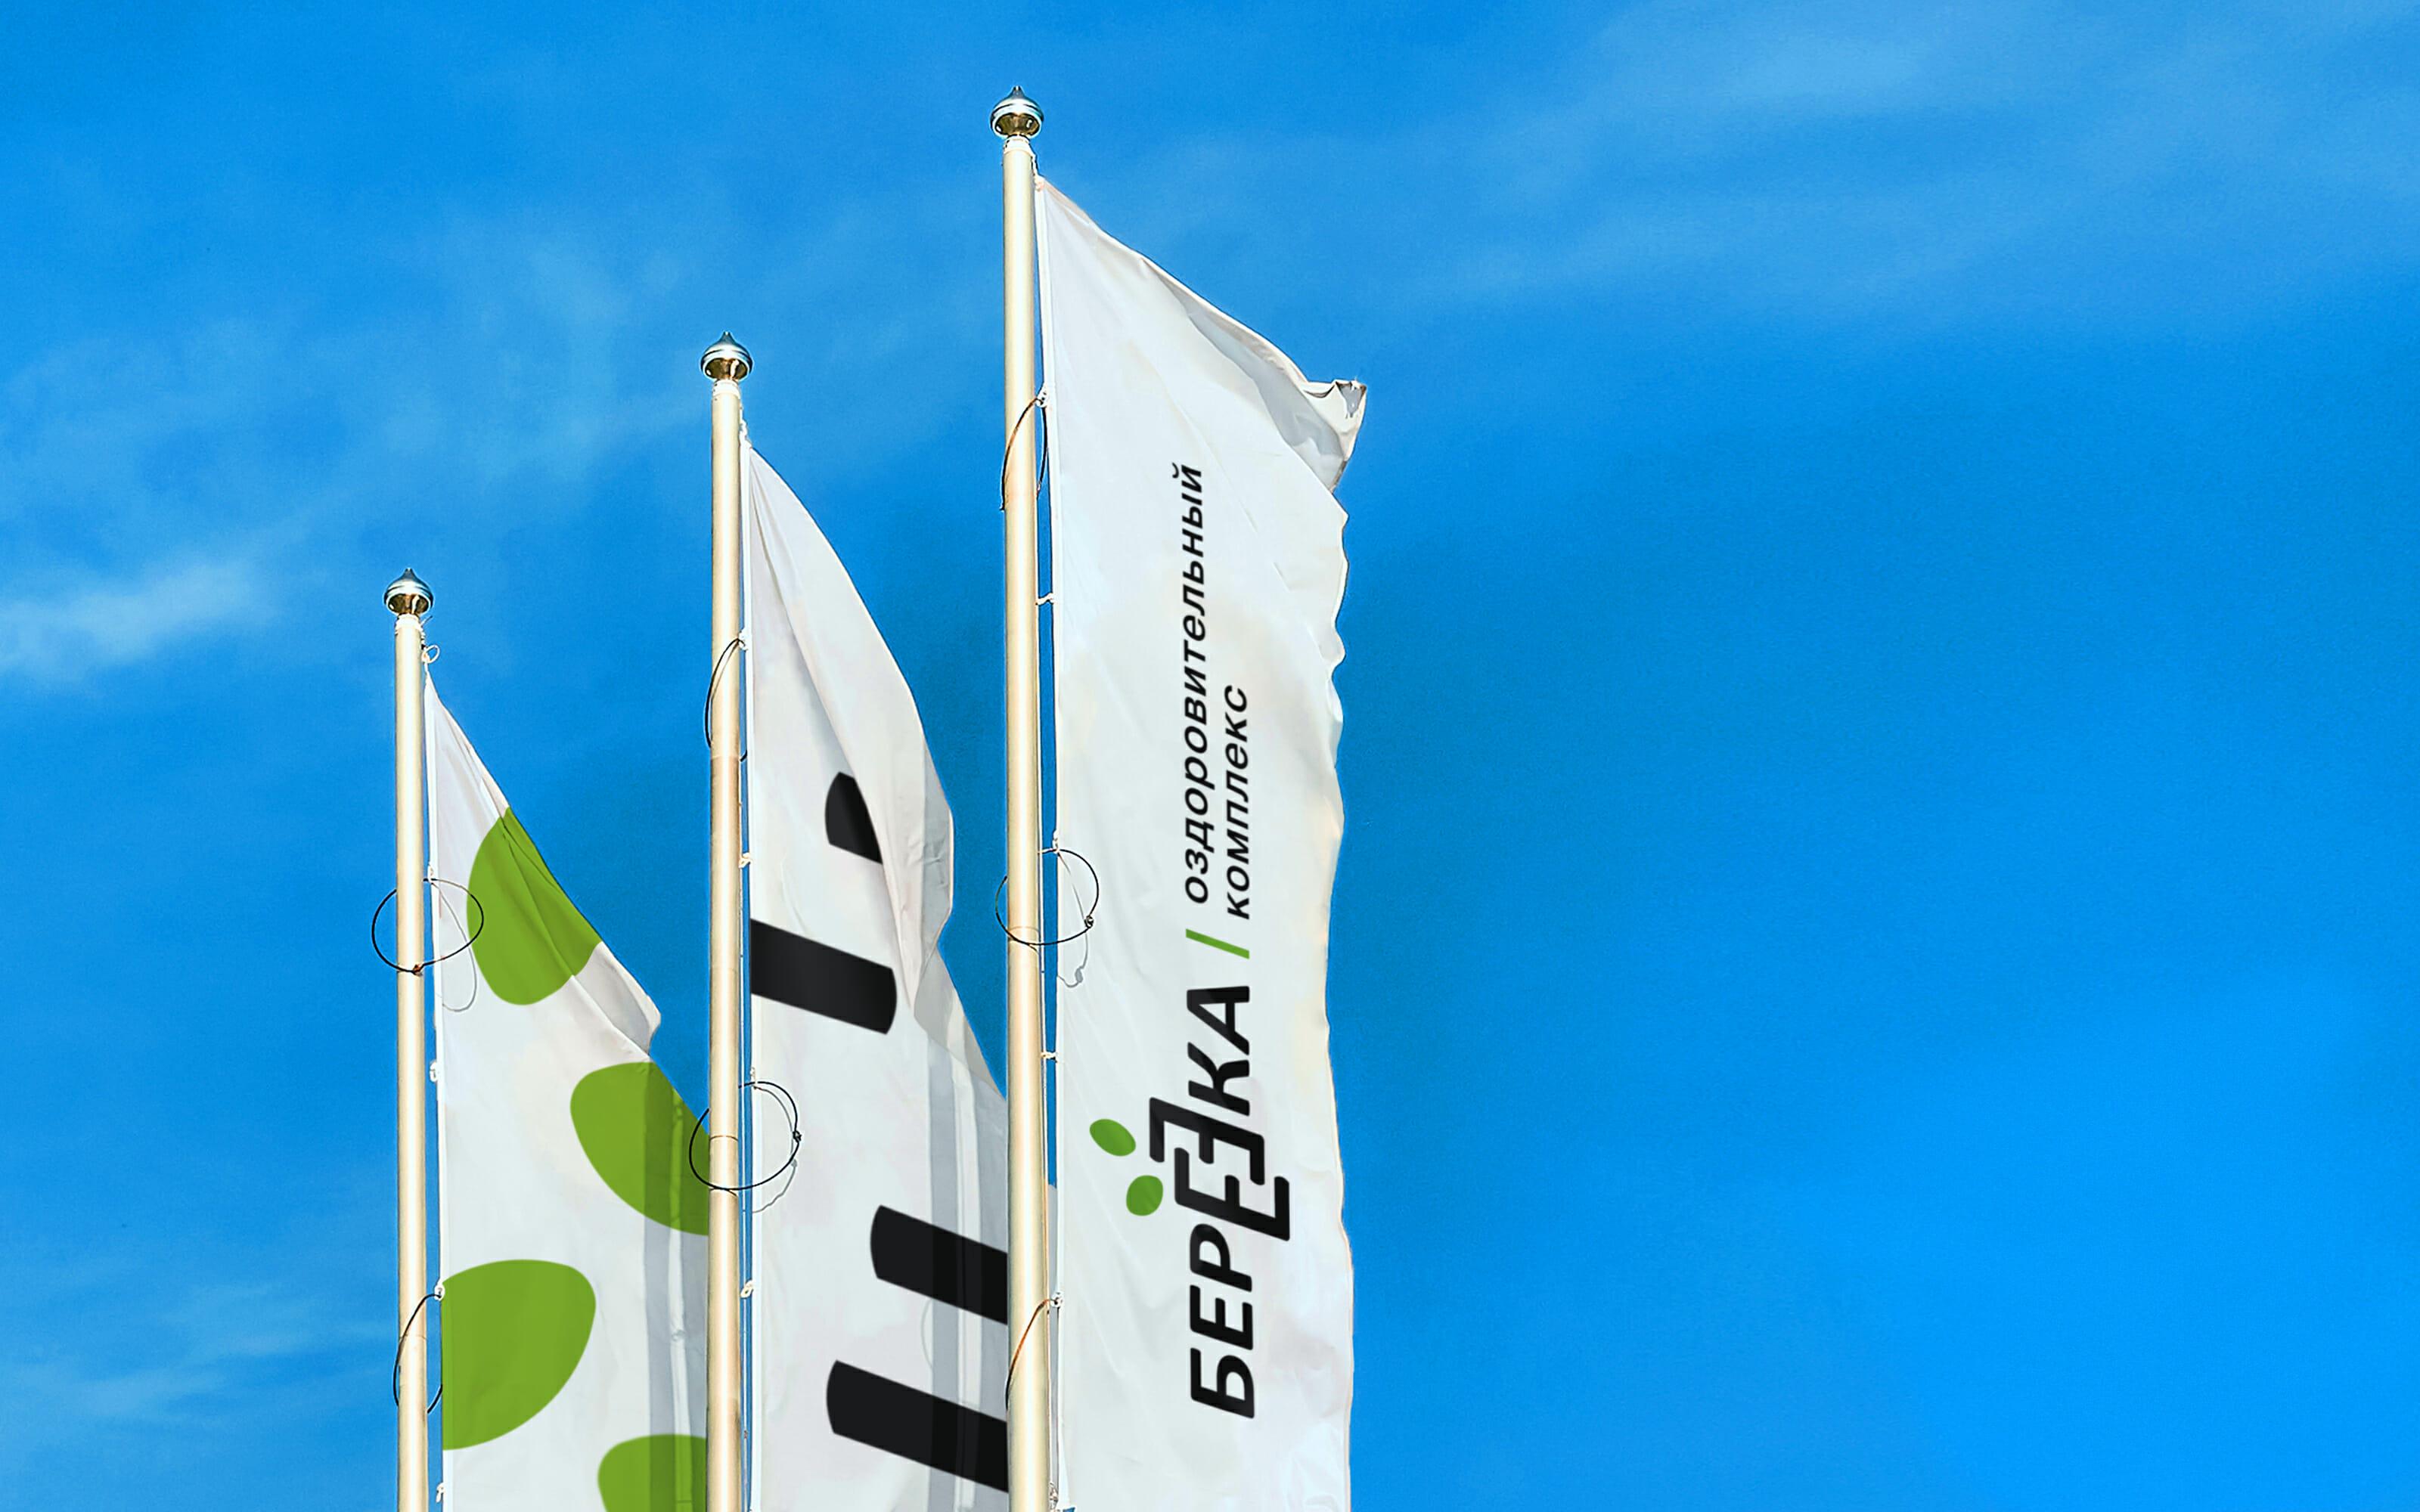 Агентство Мухина Дизайн (Muhina Design) - Редизайн логотипа и фирменного стиля лагеря «Берёзка»